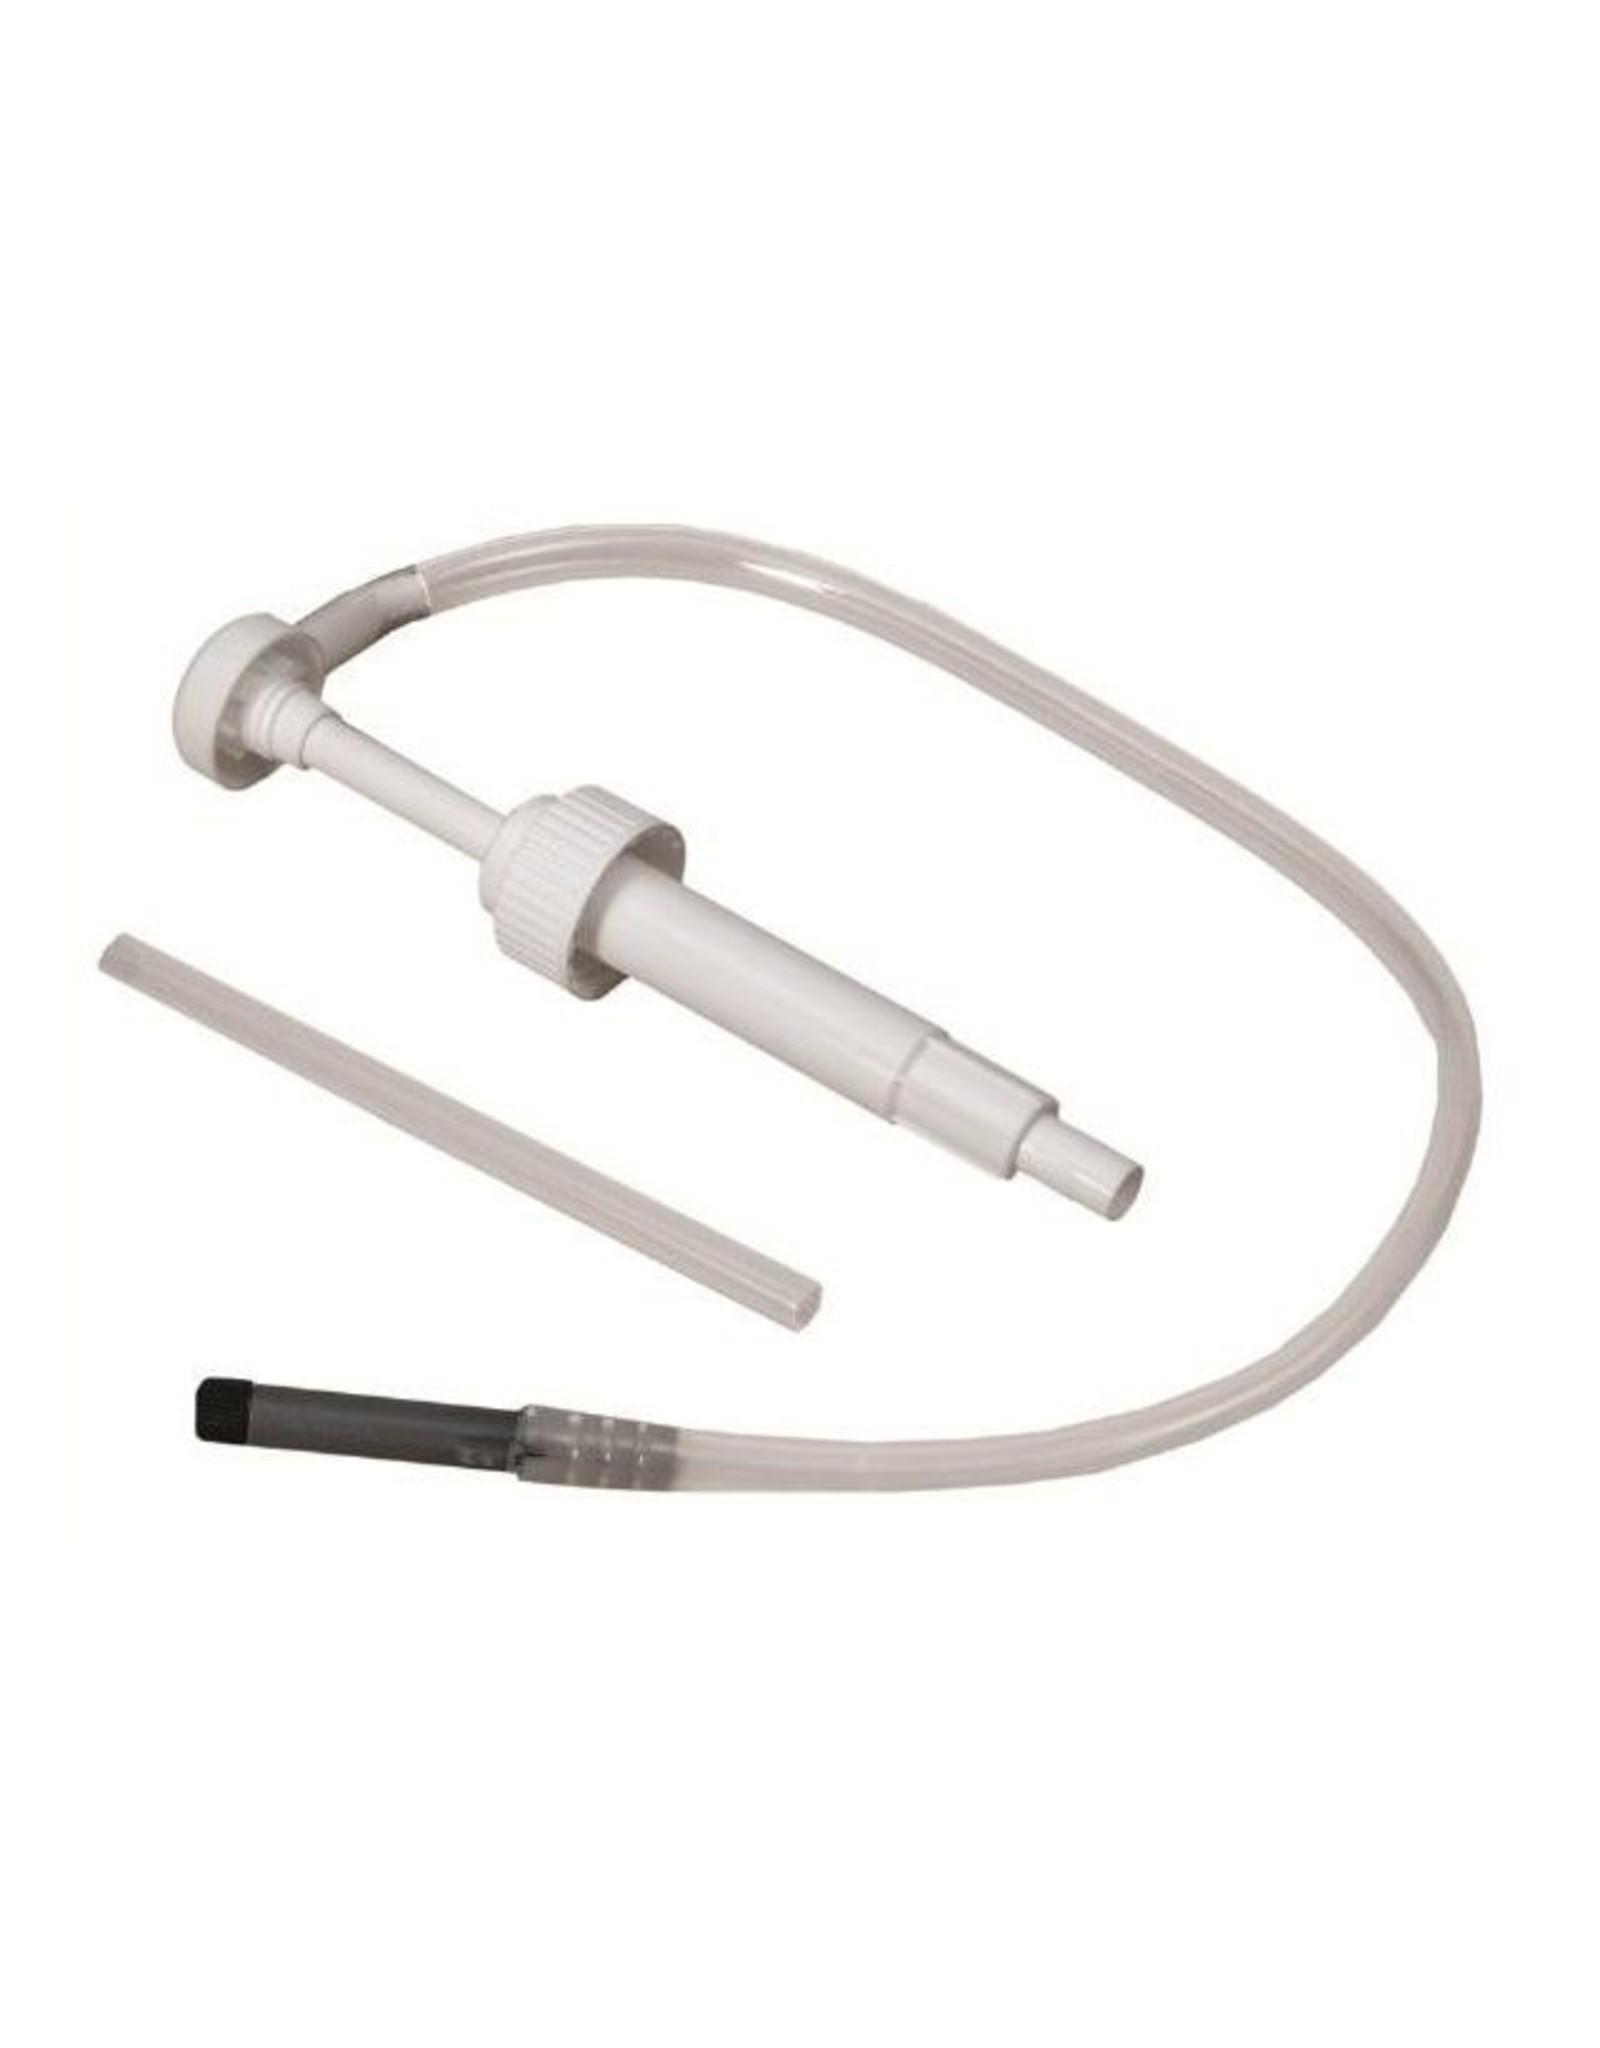 Quicksilver Quicksilver gear lube pomp